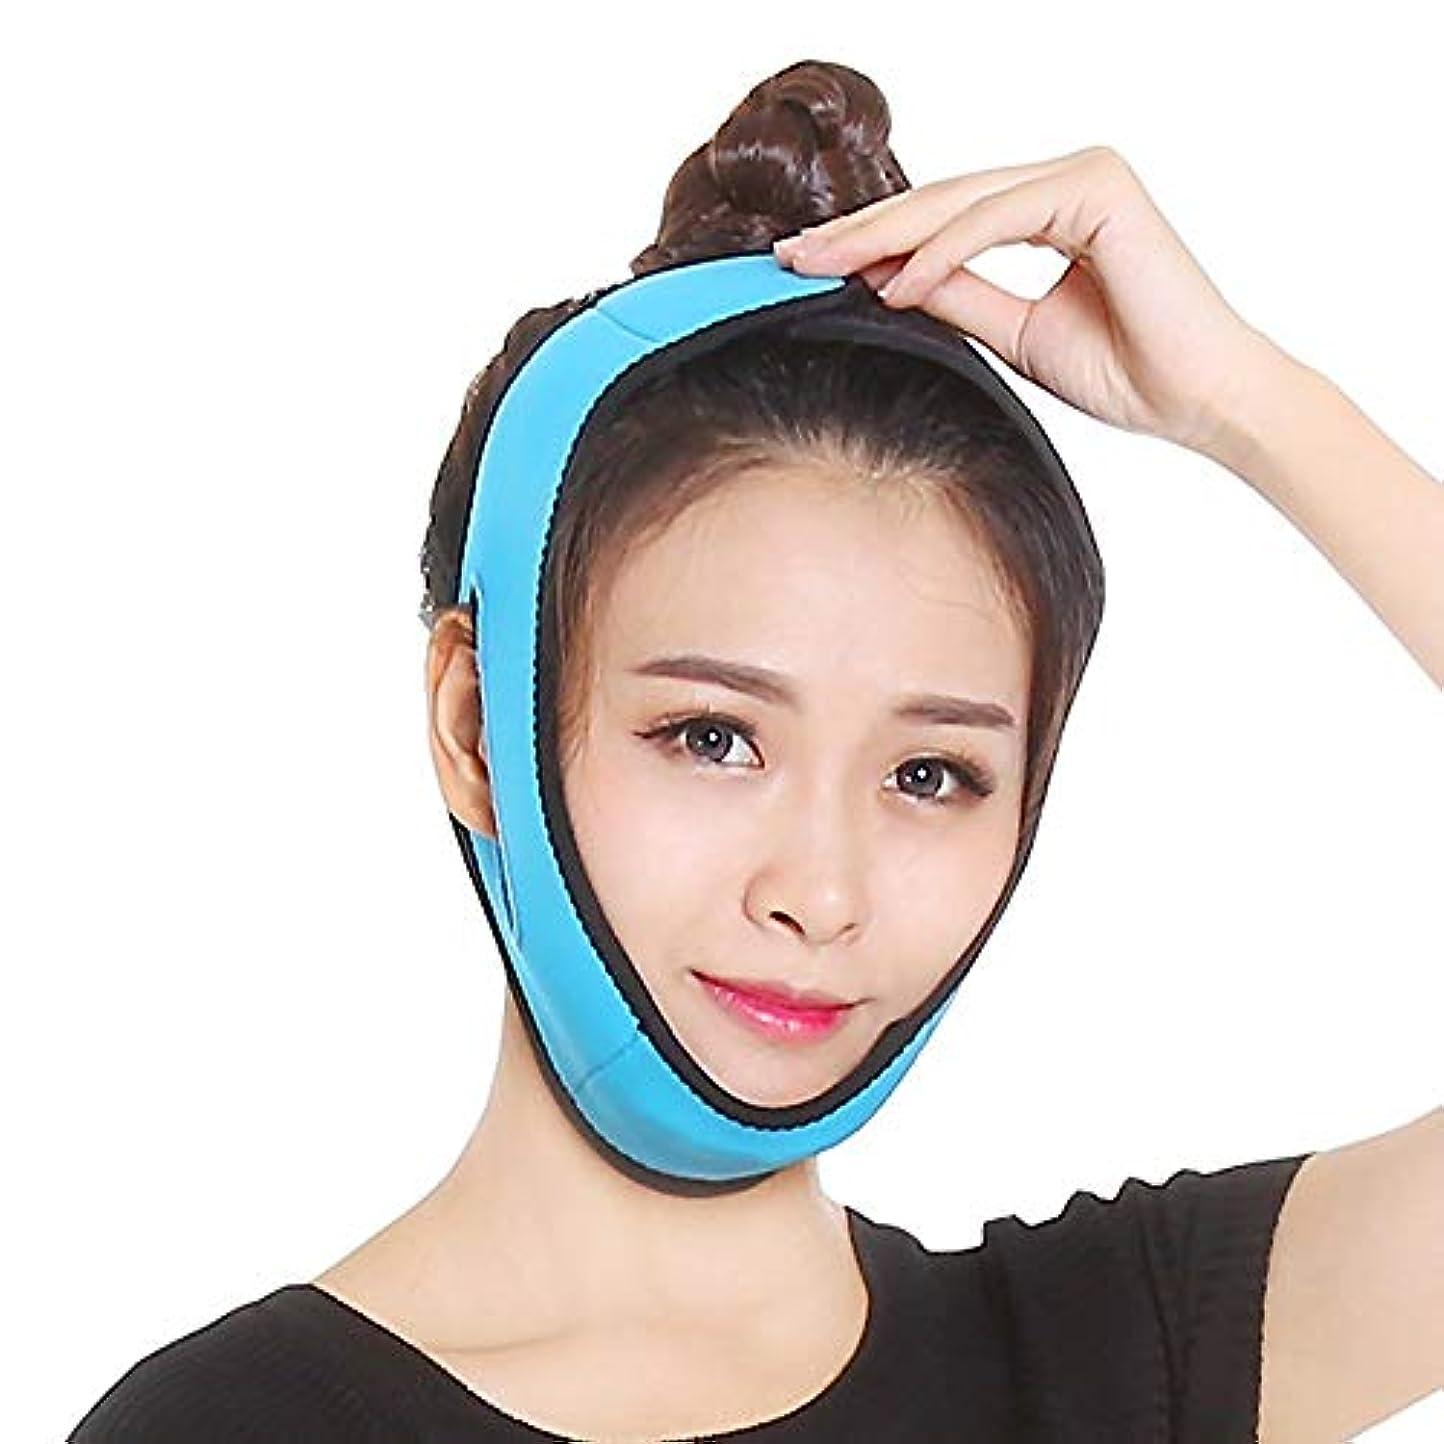 芸術レギュラーモディッシュフェイスリフトベルト 薄い顔のベルト - 薄い顔のツール薄い顔のベルト通気性のラテックスのマッサージV型の顔のアーティファクトの顔の薄いマスク